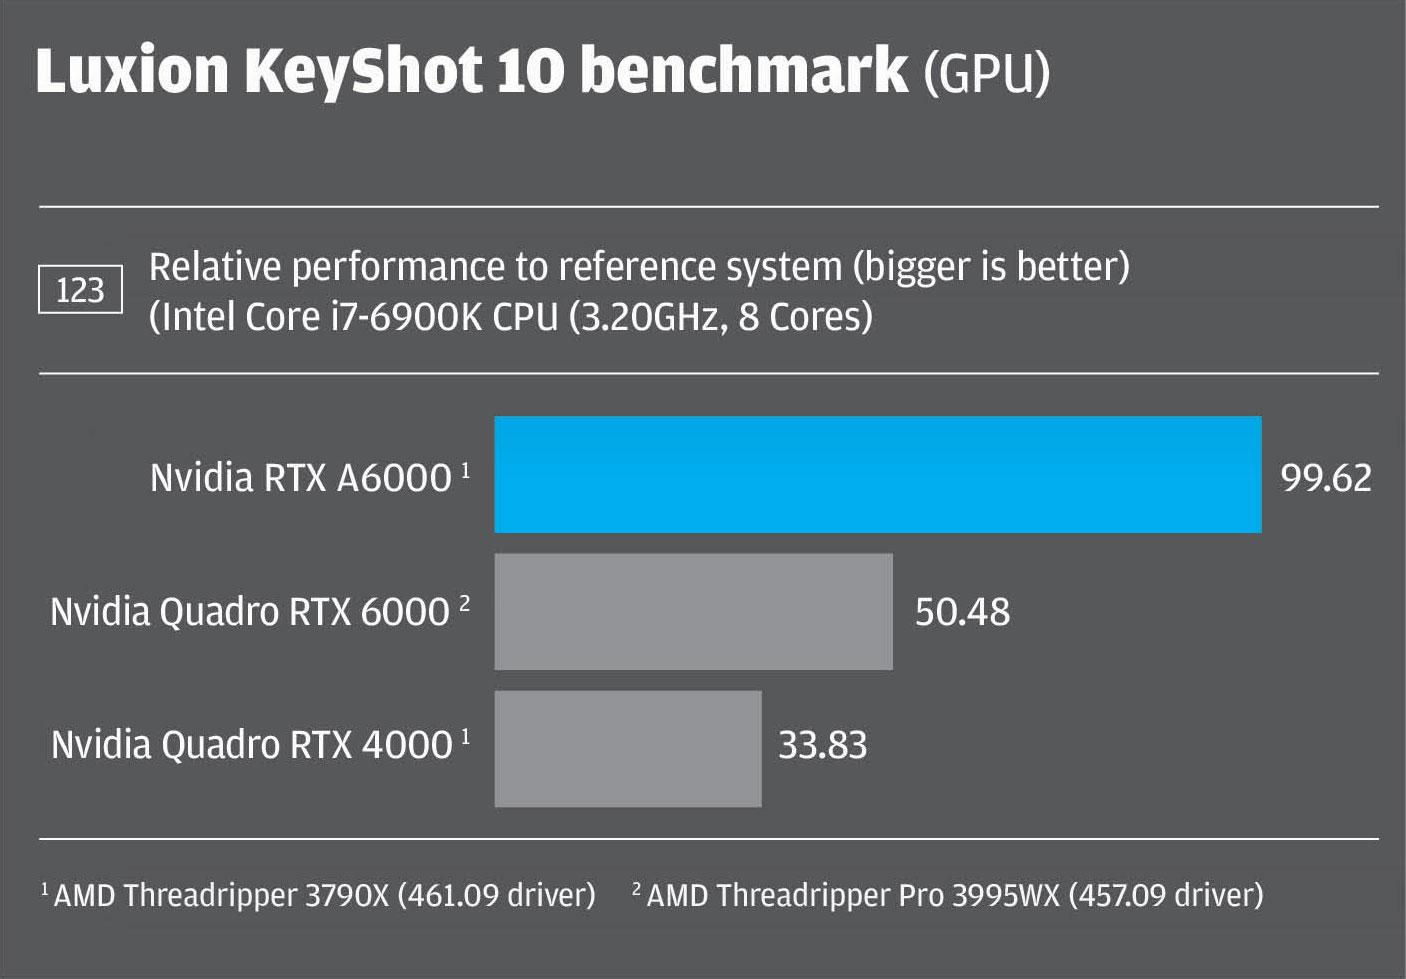 KeyShot 10 benchmark Nvidia RTX A6000